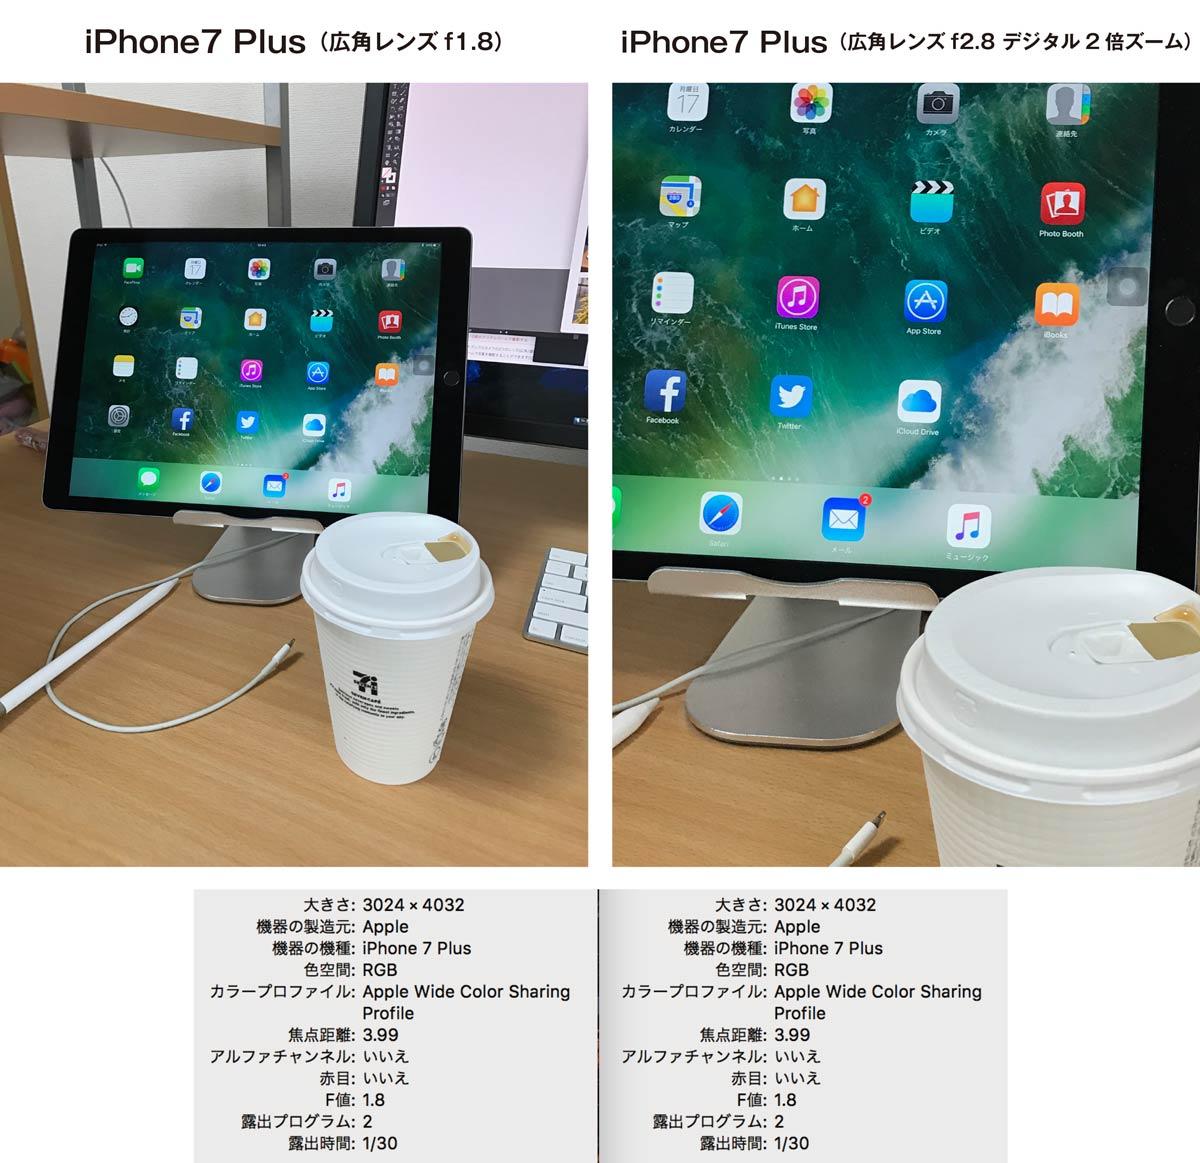 iPhone7 Plus 画角の違い